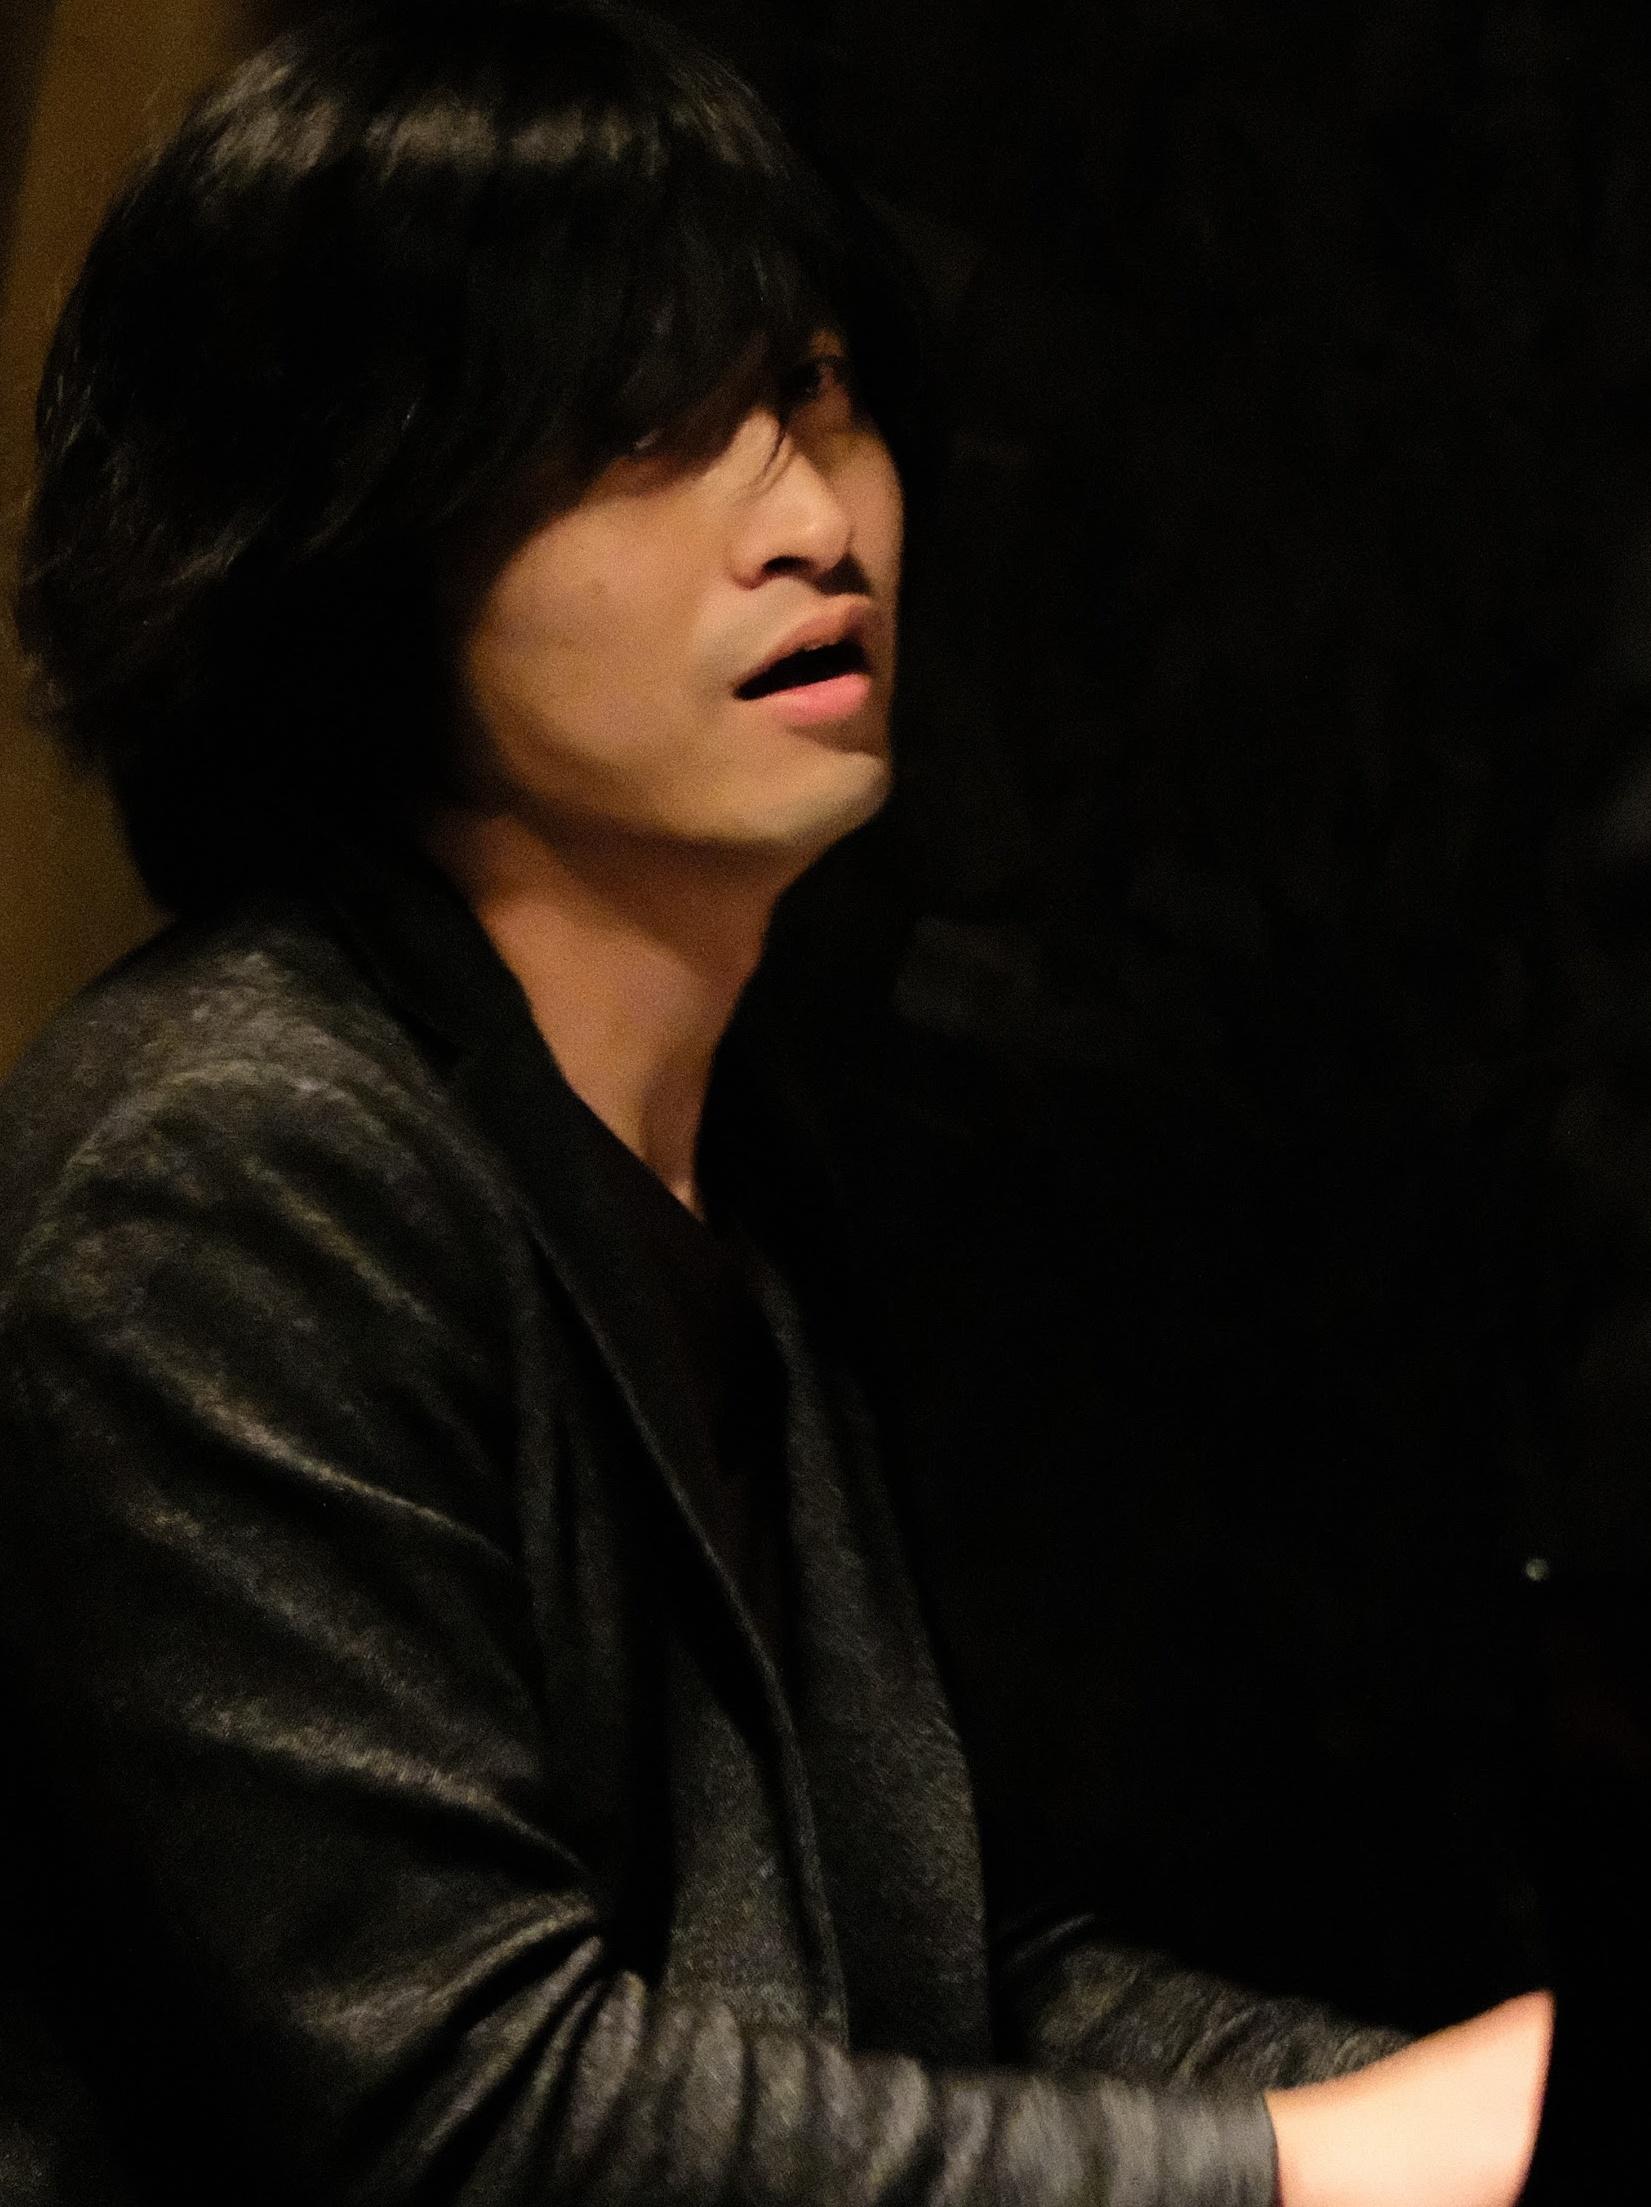 yuichihayashi2